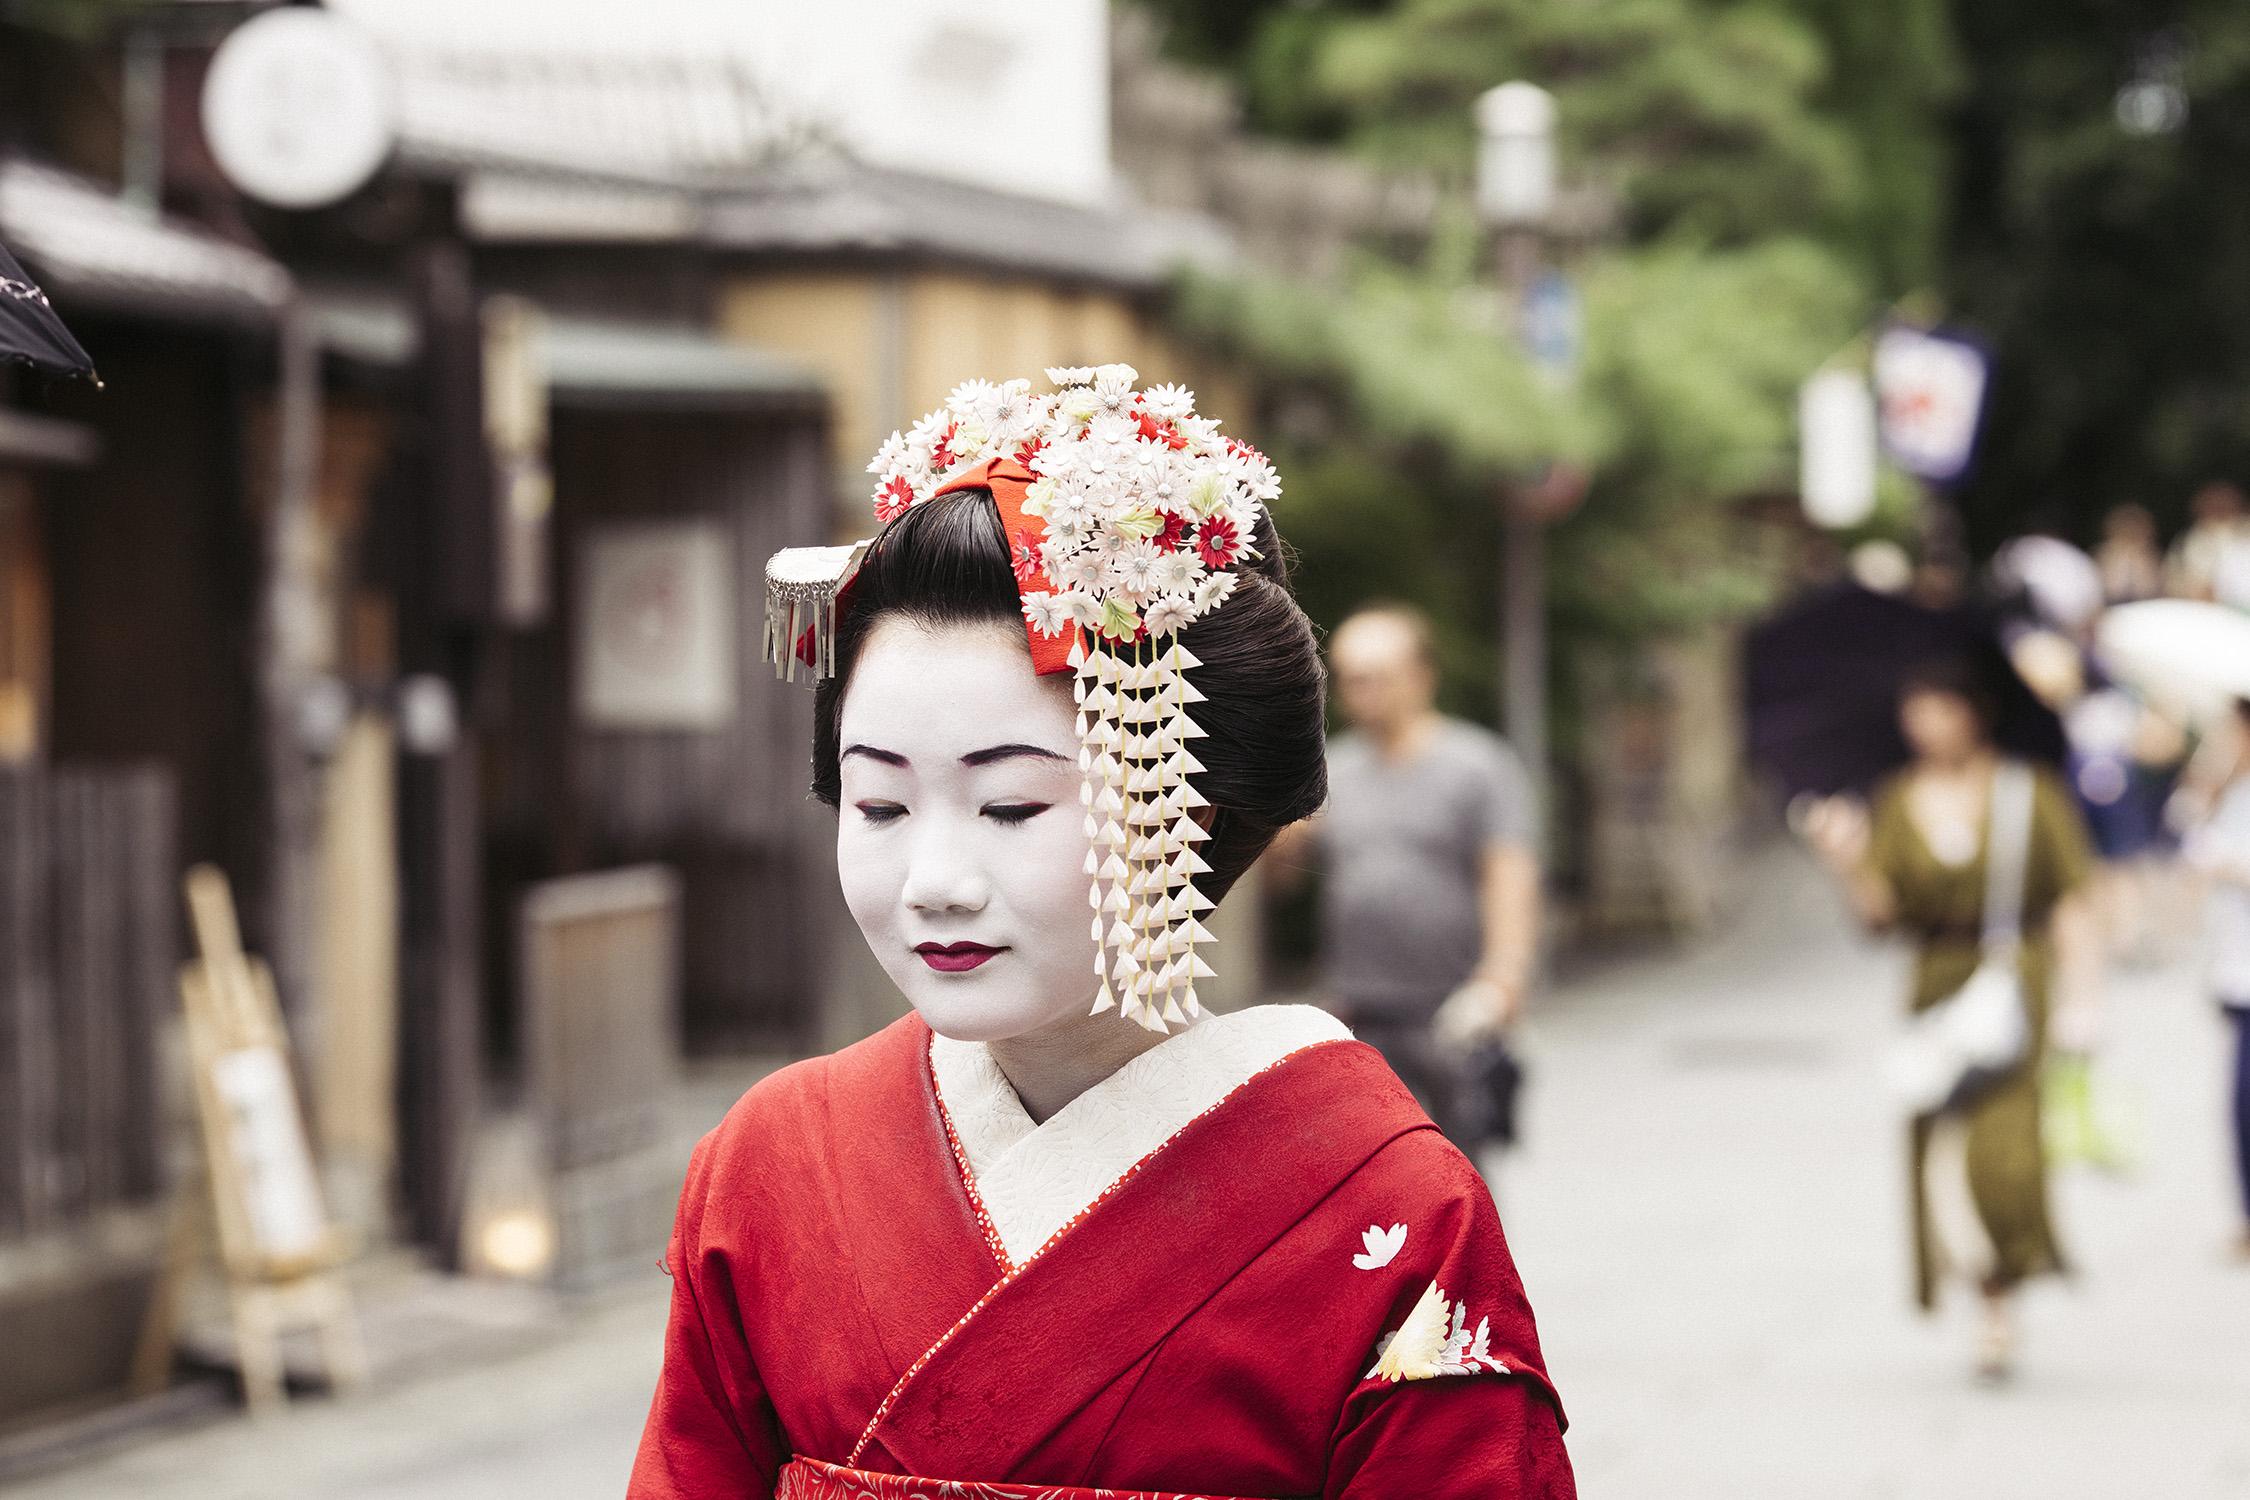 japan-kyoto-geisha-travel-washington-dc-malek-naz-photography.jpg